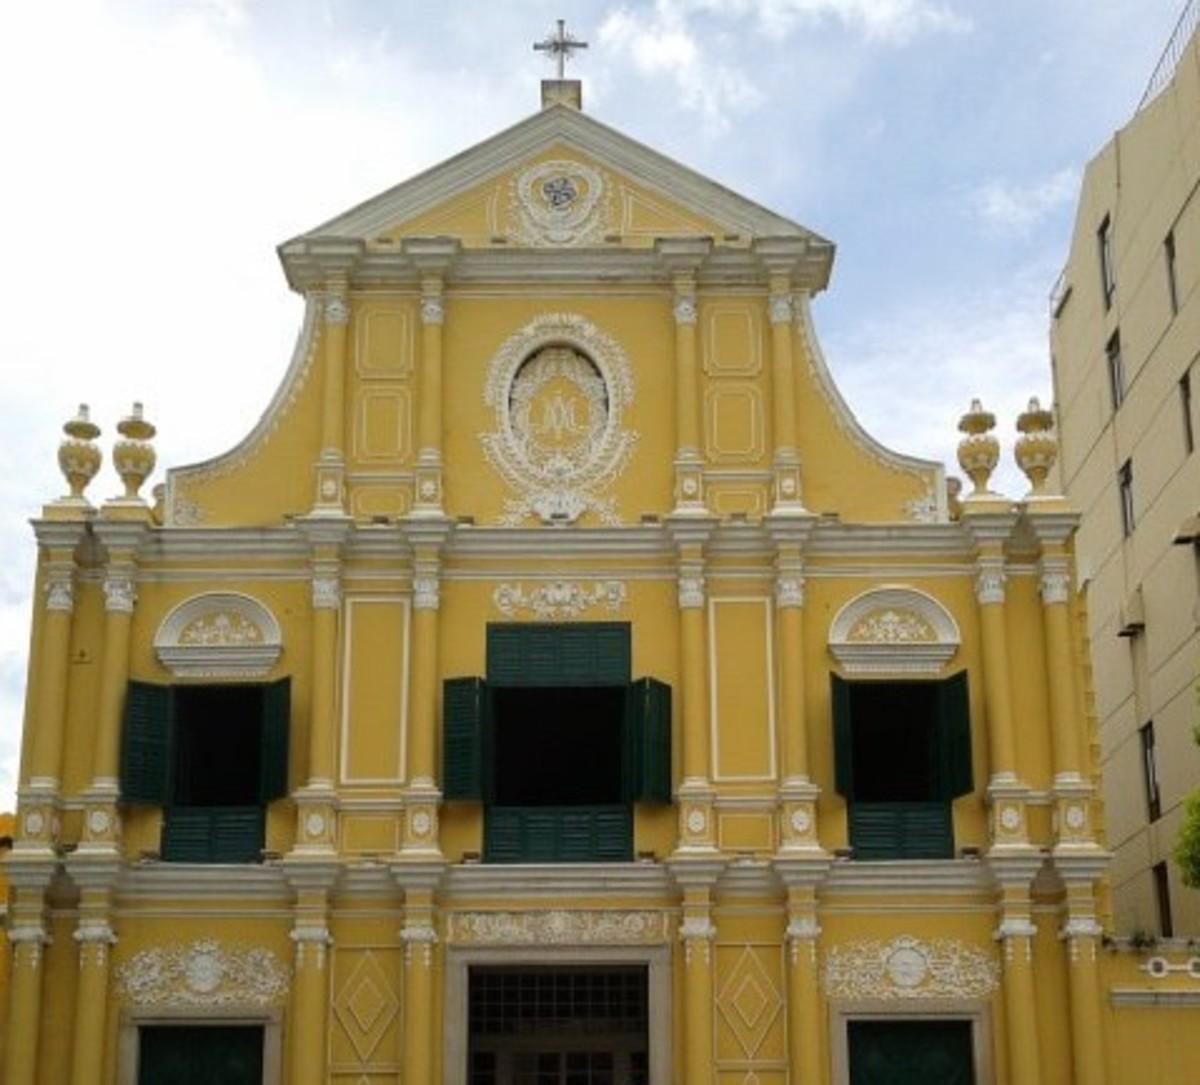 St Domingo's